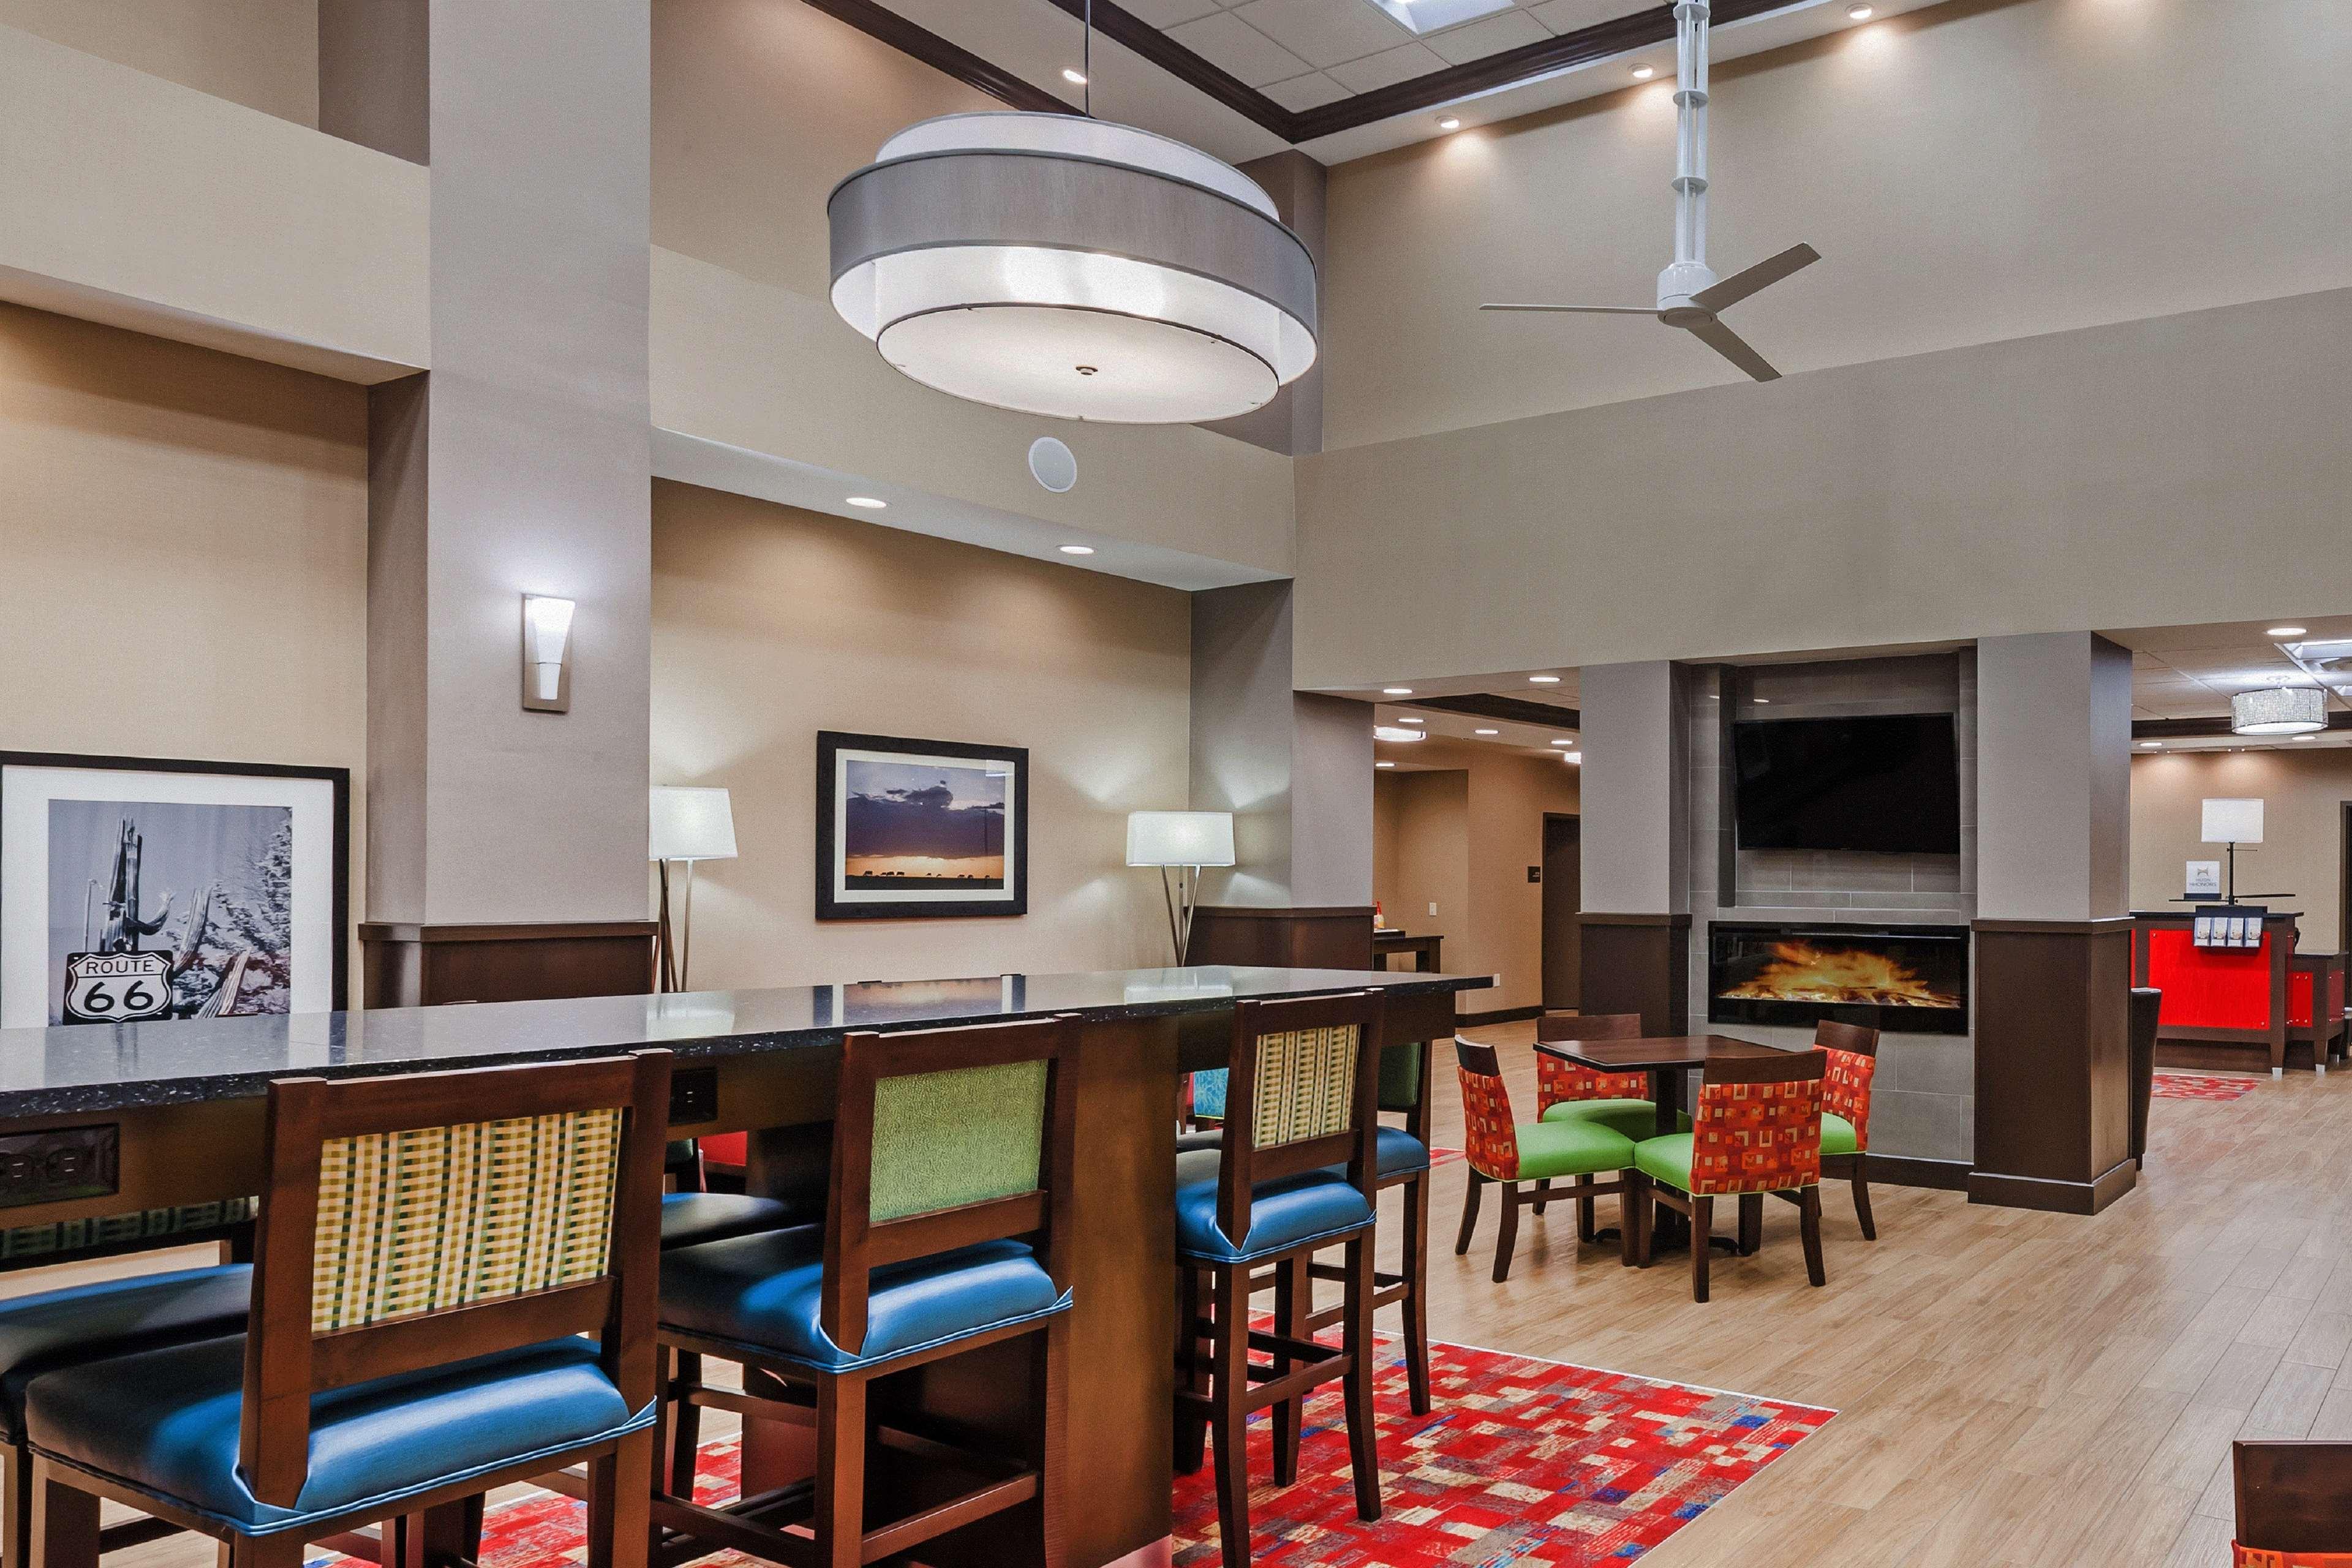 Hampton Inn & Suites Claremore image 4